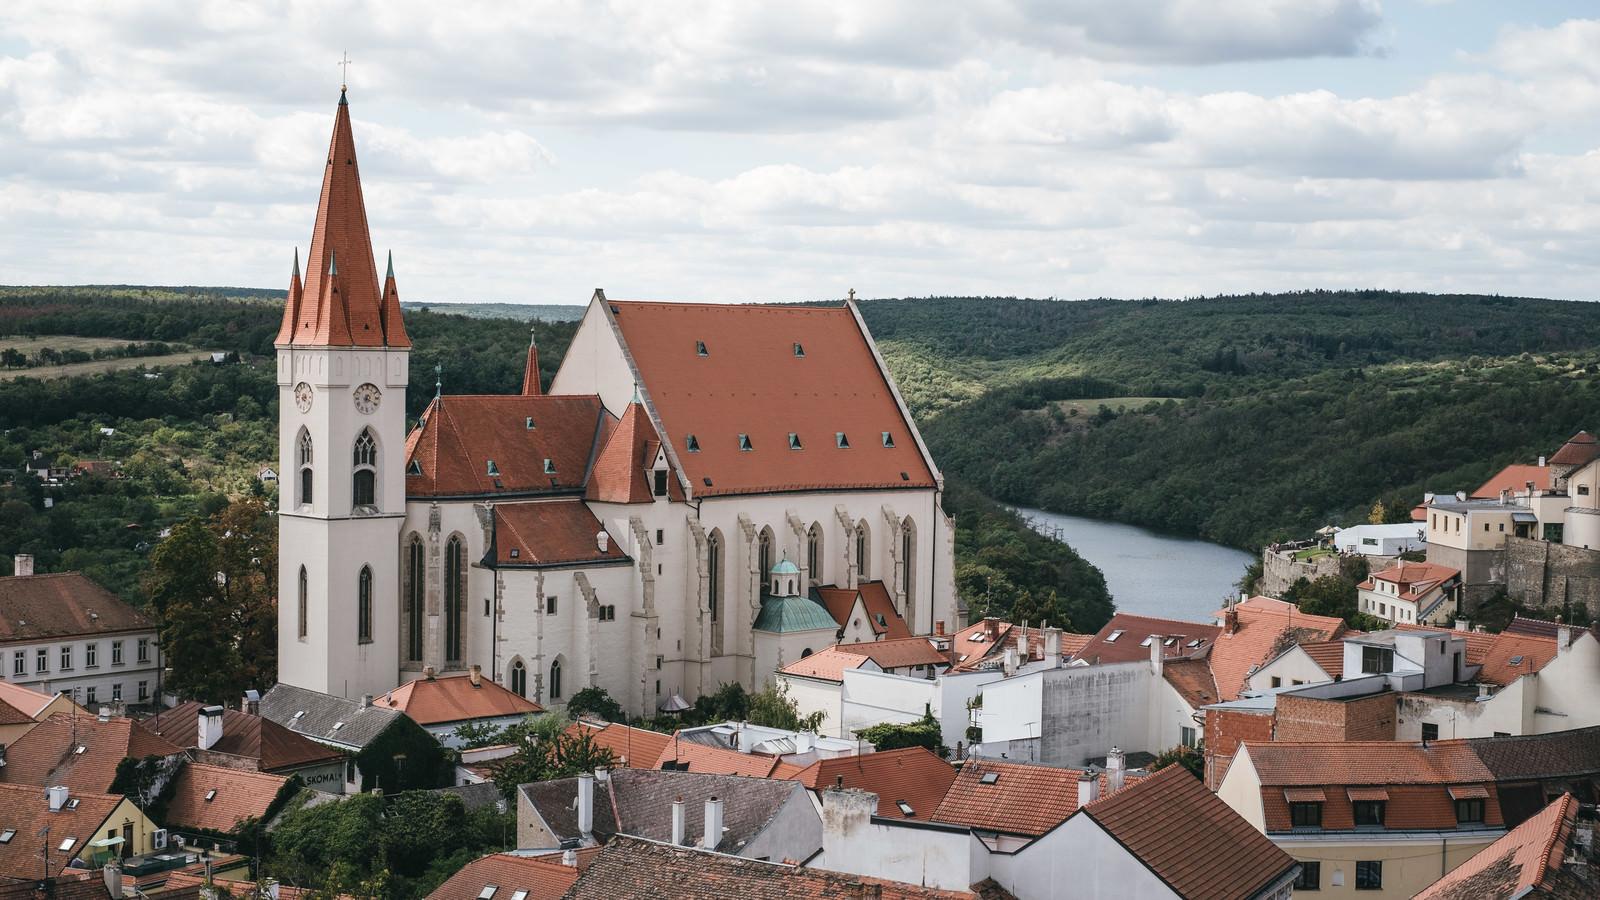 「聖ニコラスオールドディーナリー教会(チェコ・ズノイモ市)」の写真